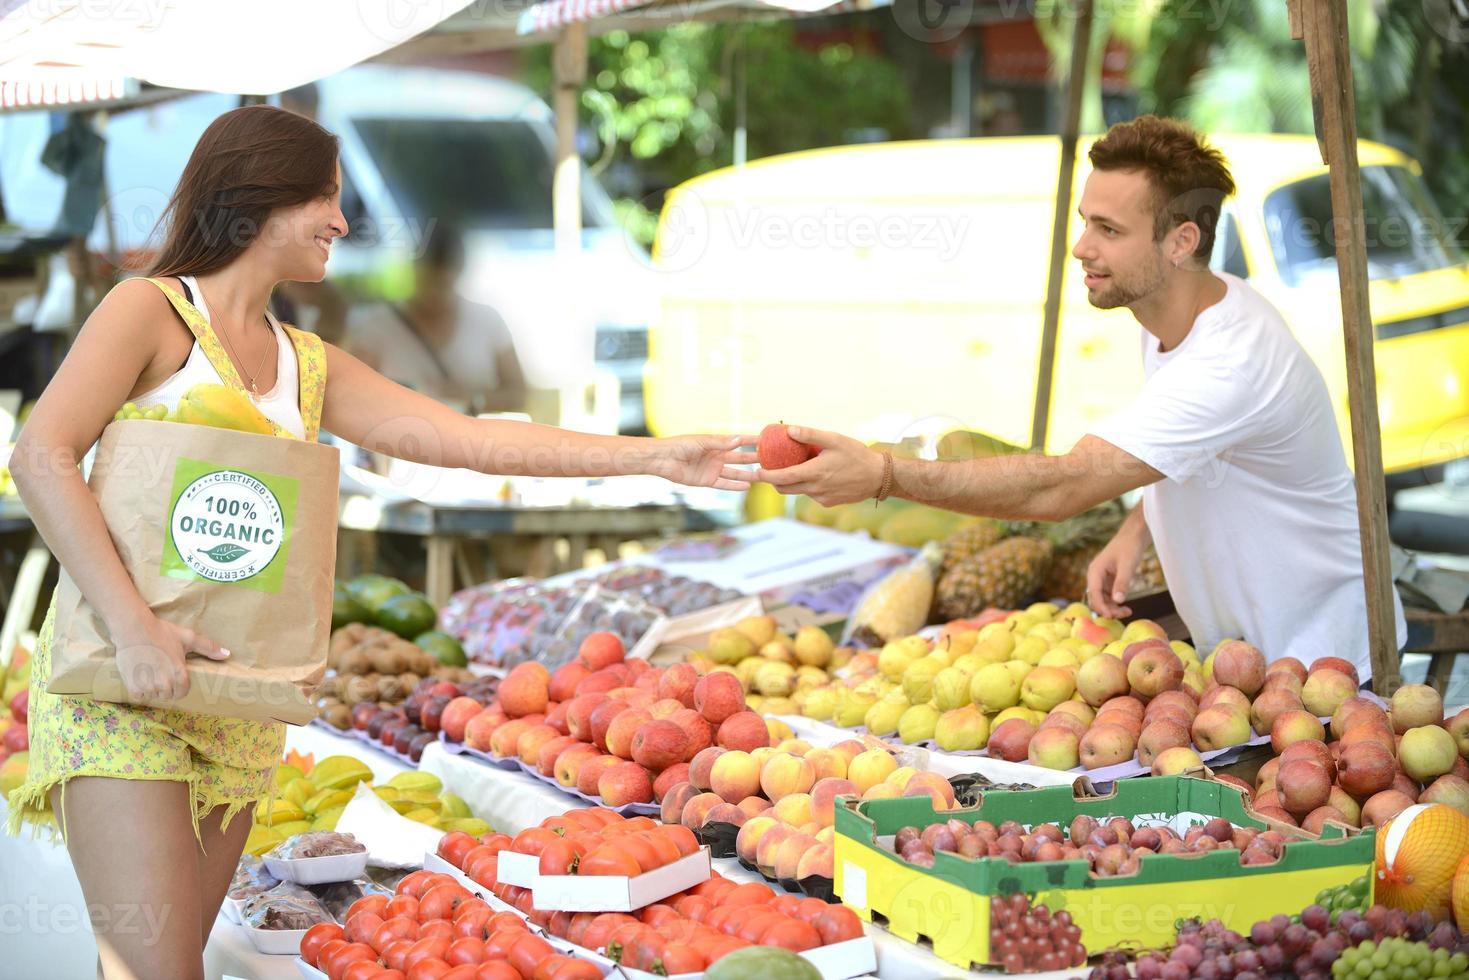 grönsaker som delar ut en frukt till en konsument. foto